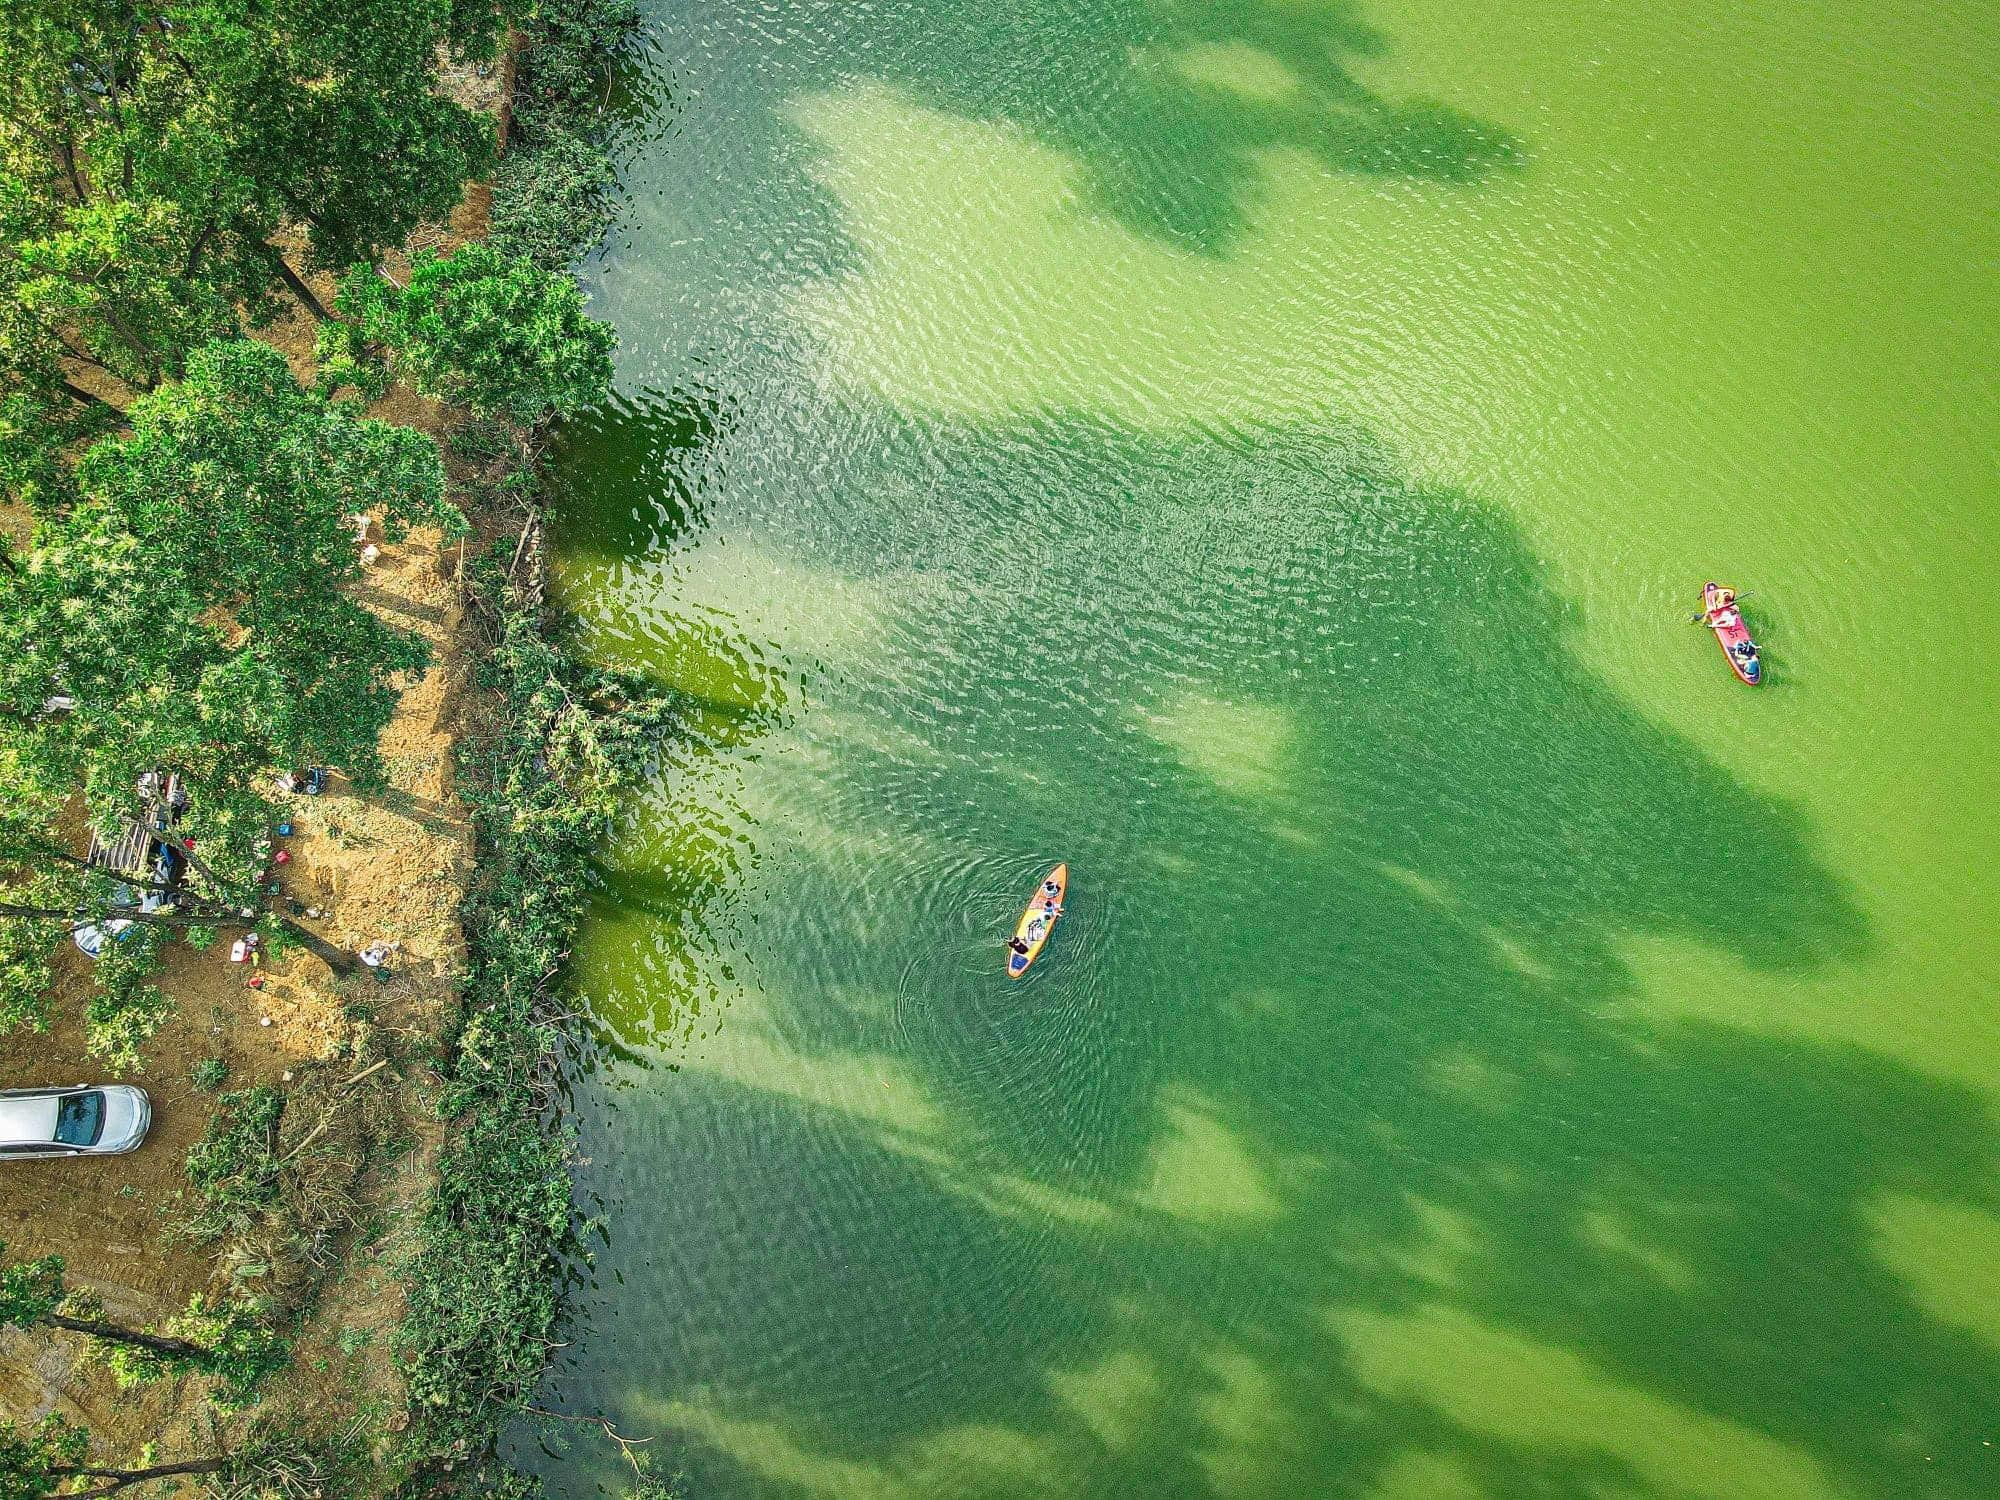 Review Hồ Đồng Chanh . Bãi cỏ rộng, có hồ nước phù hợp với các hoạt động cắm trại, dã ngoại